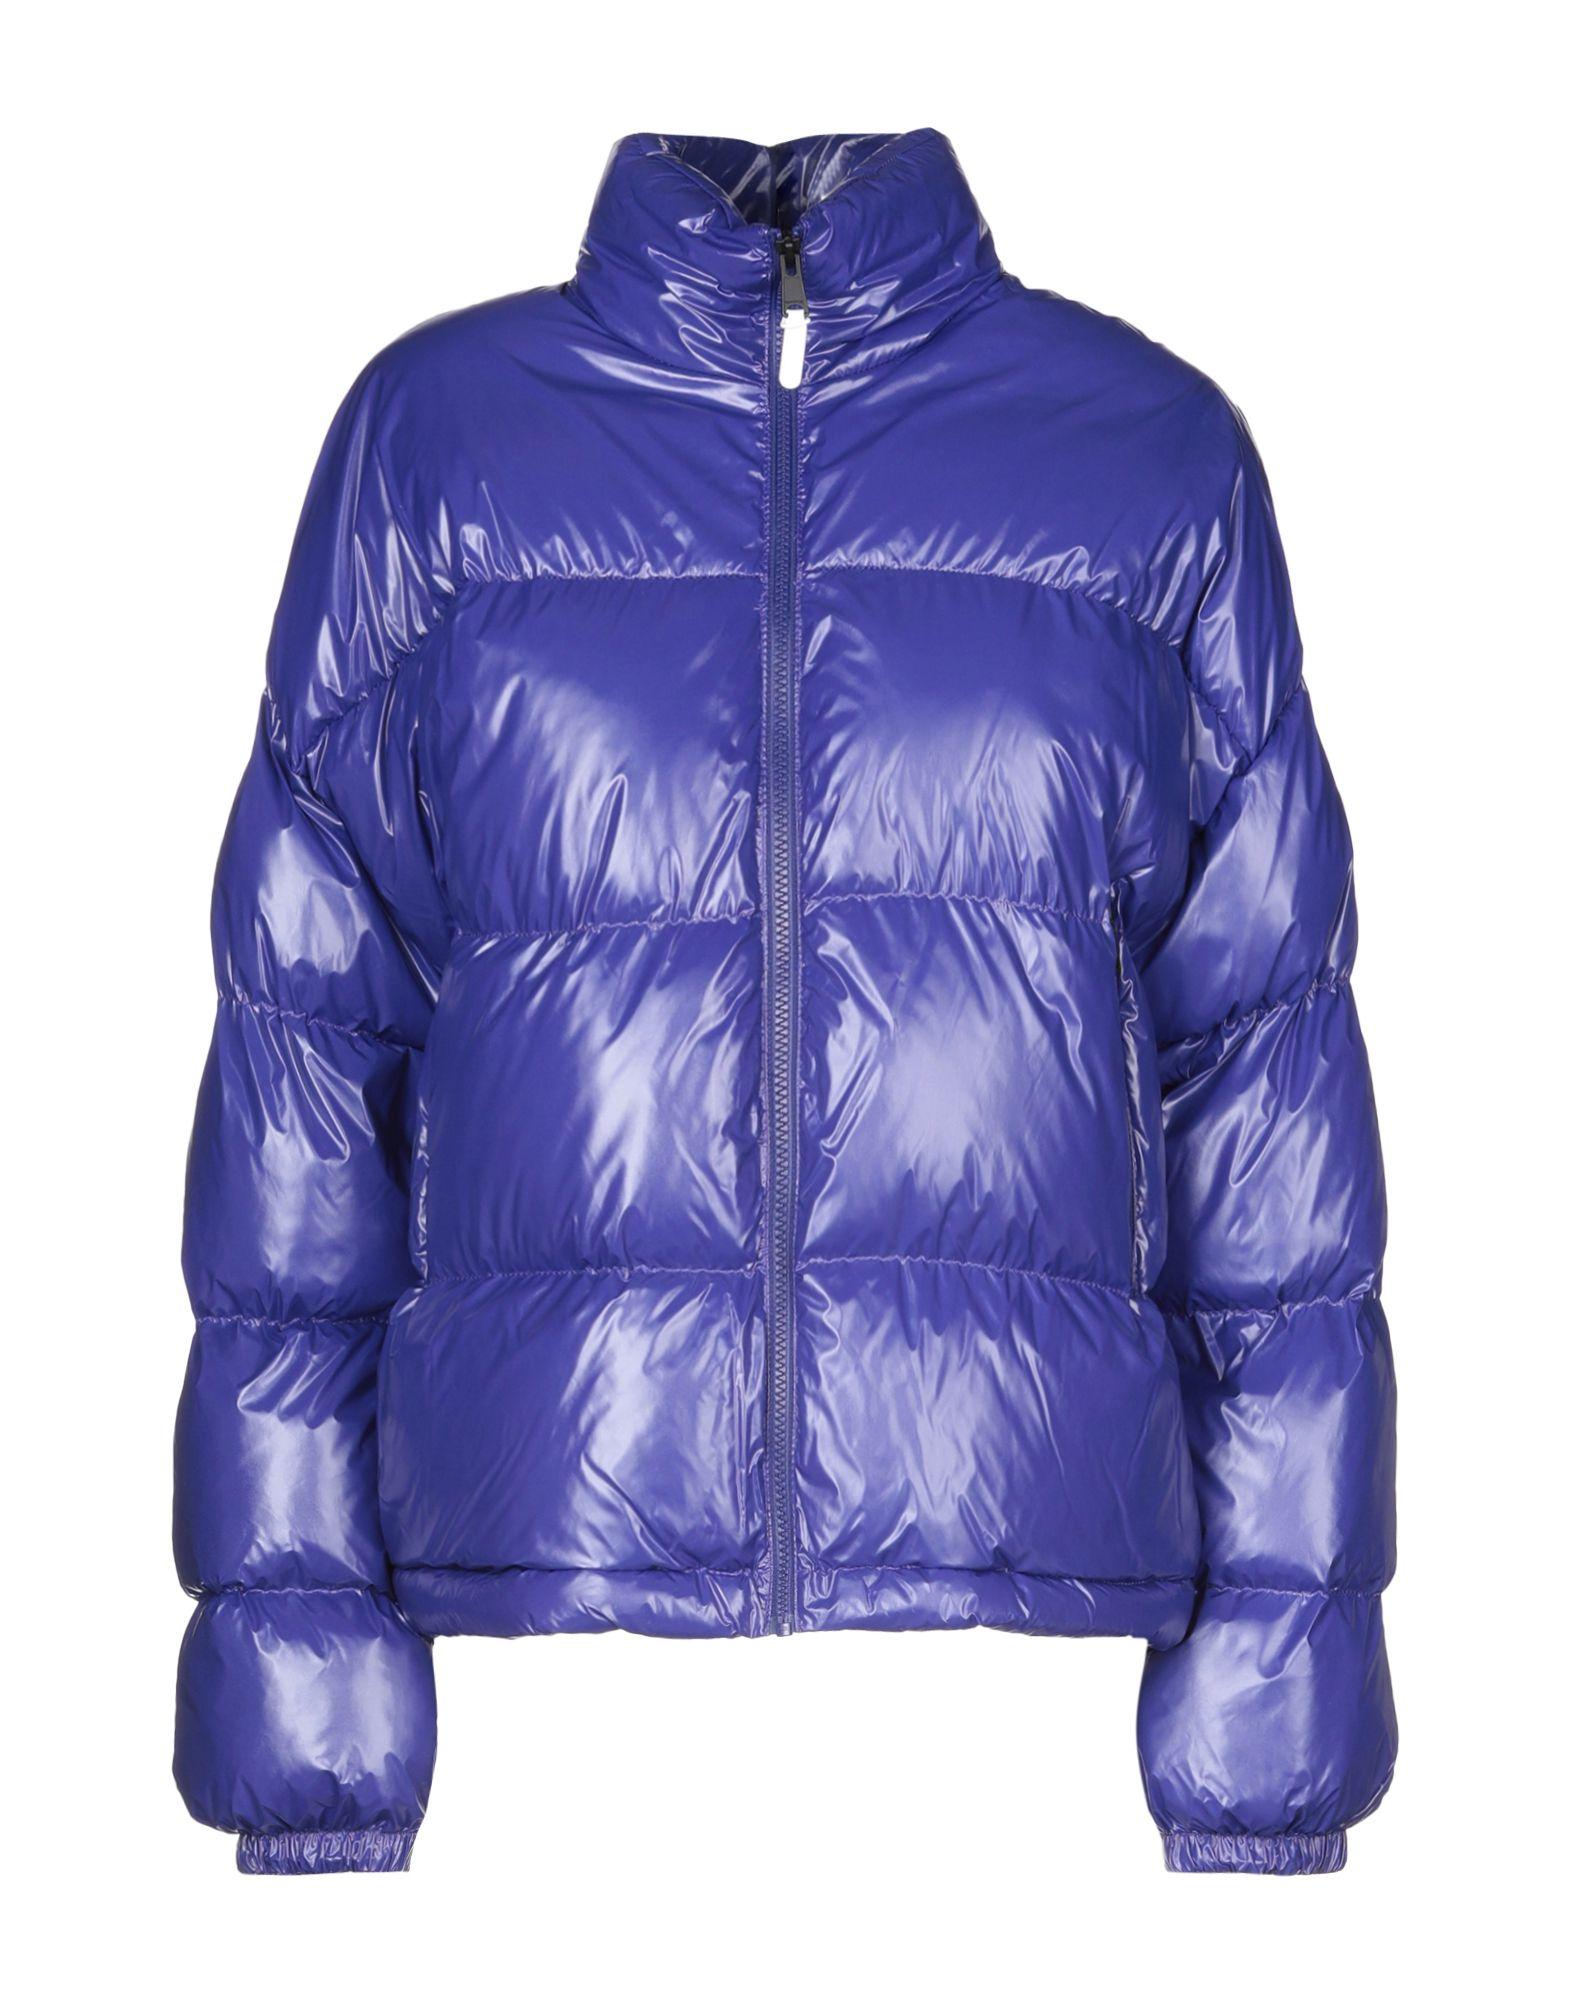 YOOX.COM(ユークス)《セール開催中》NAPAPIJRI レディース 合成繊維中綿アウター ブルー XS ナイロン 100% ART W SL SHINY